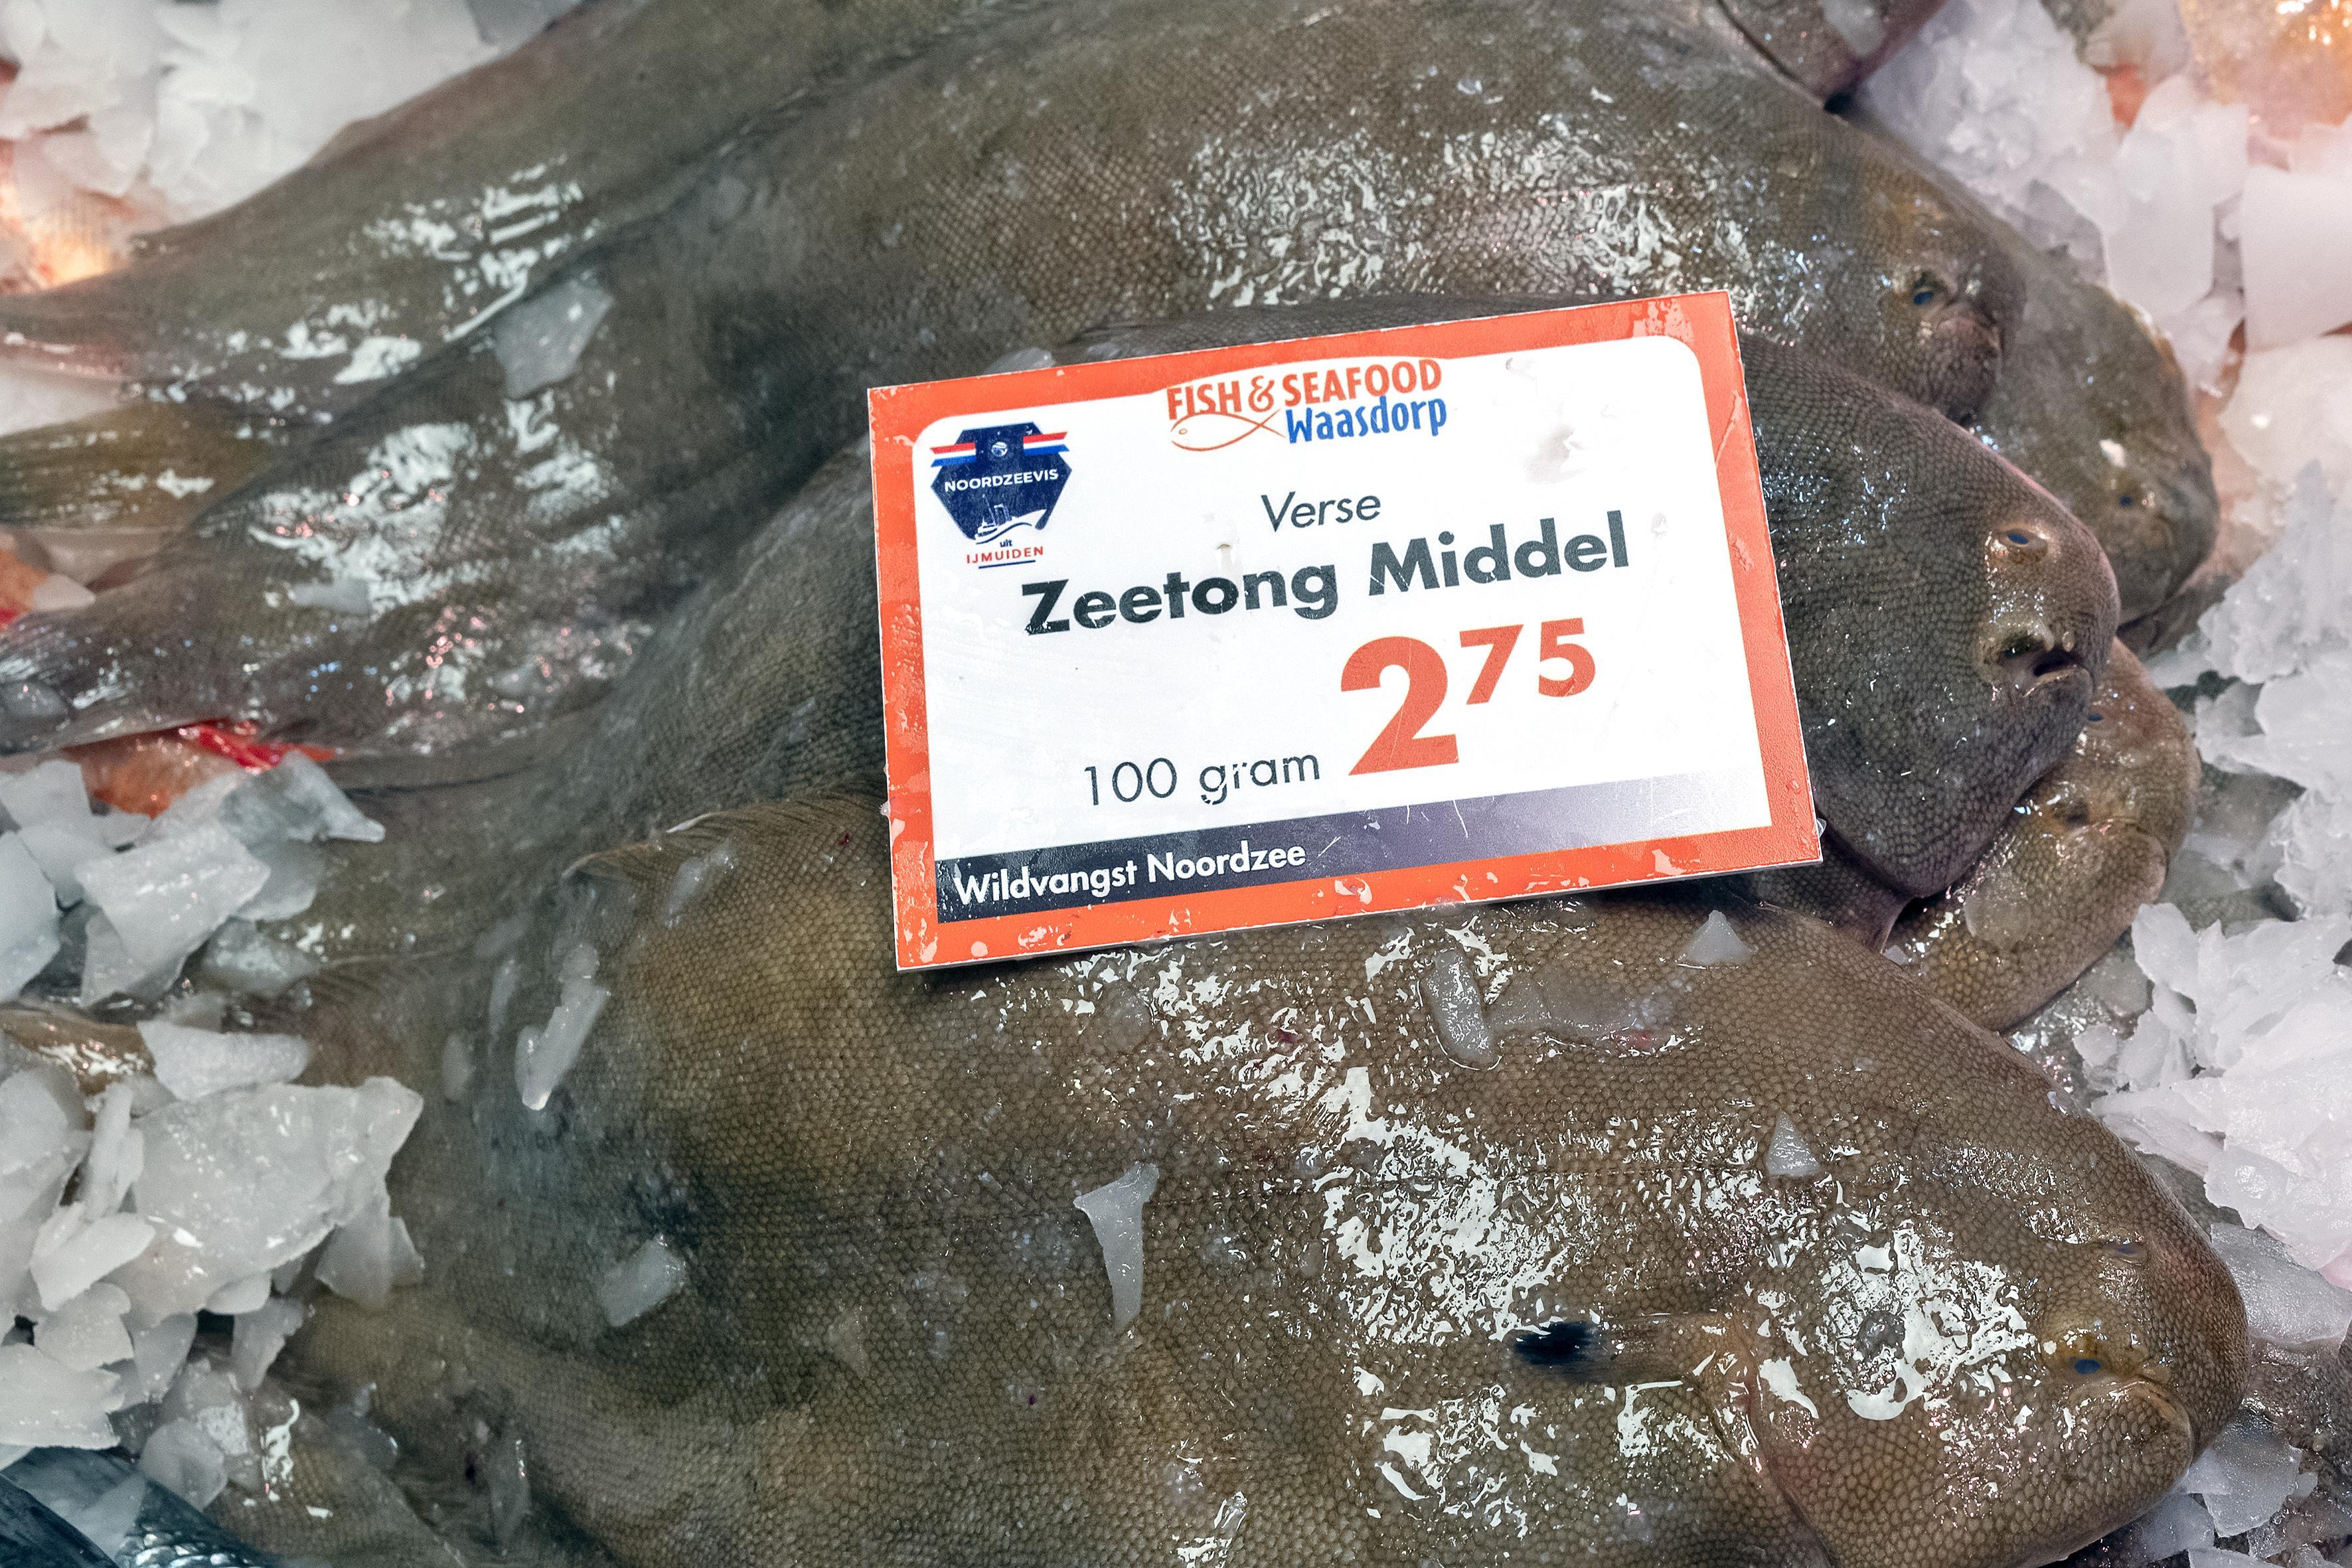 Maken van duurzame keuze is lastig als 99 procent van visverkopers zich niet aan etiketteringsregels houdt